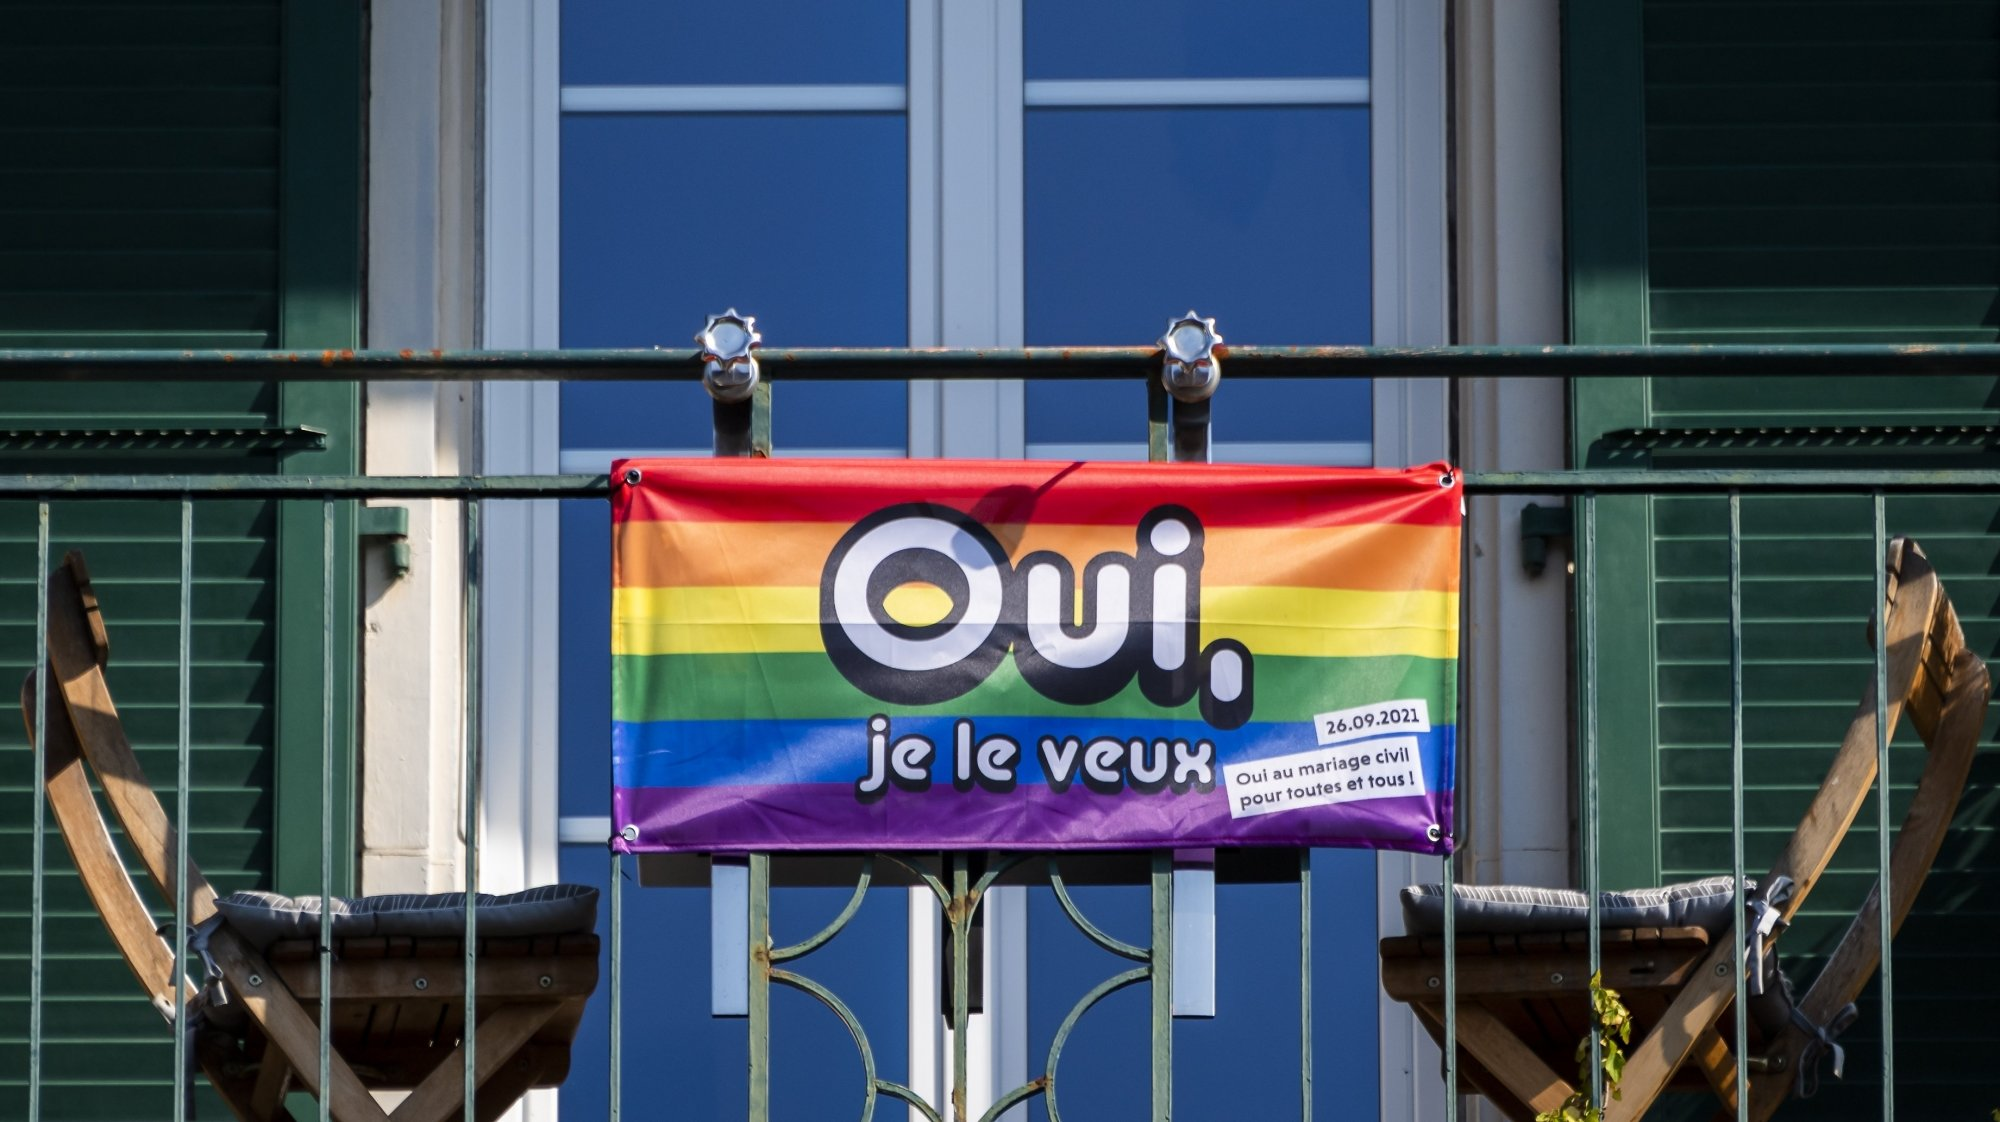 Mariage pour tous: la Suisse rattrape son retard